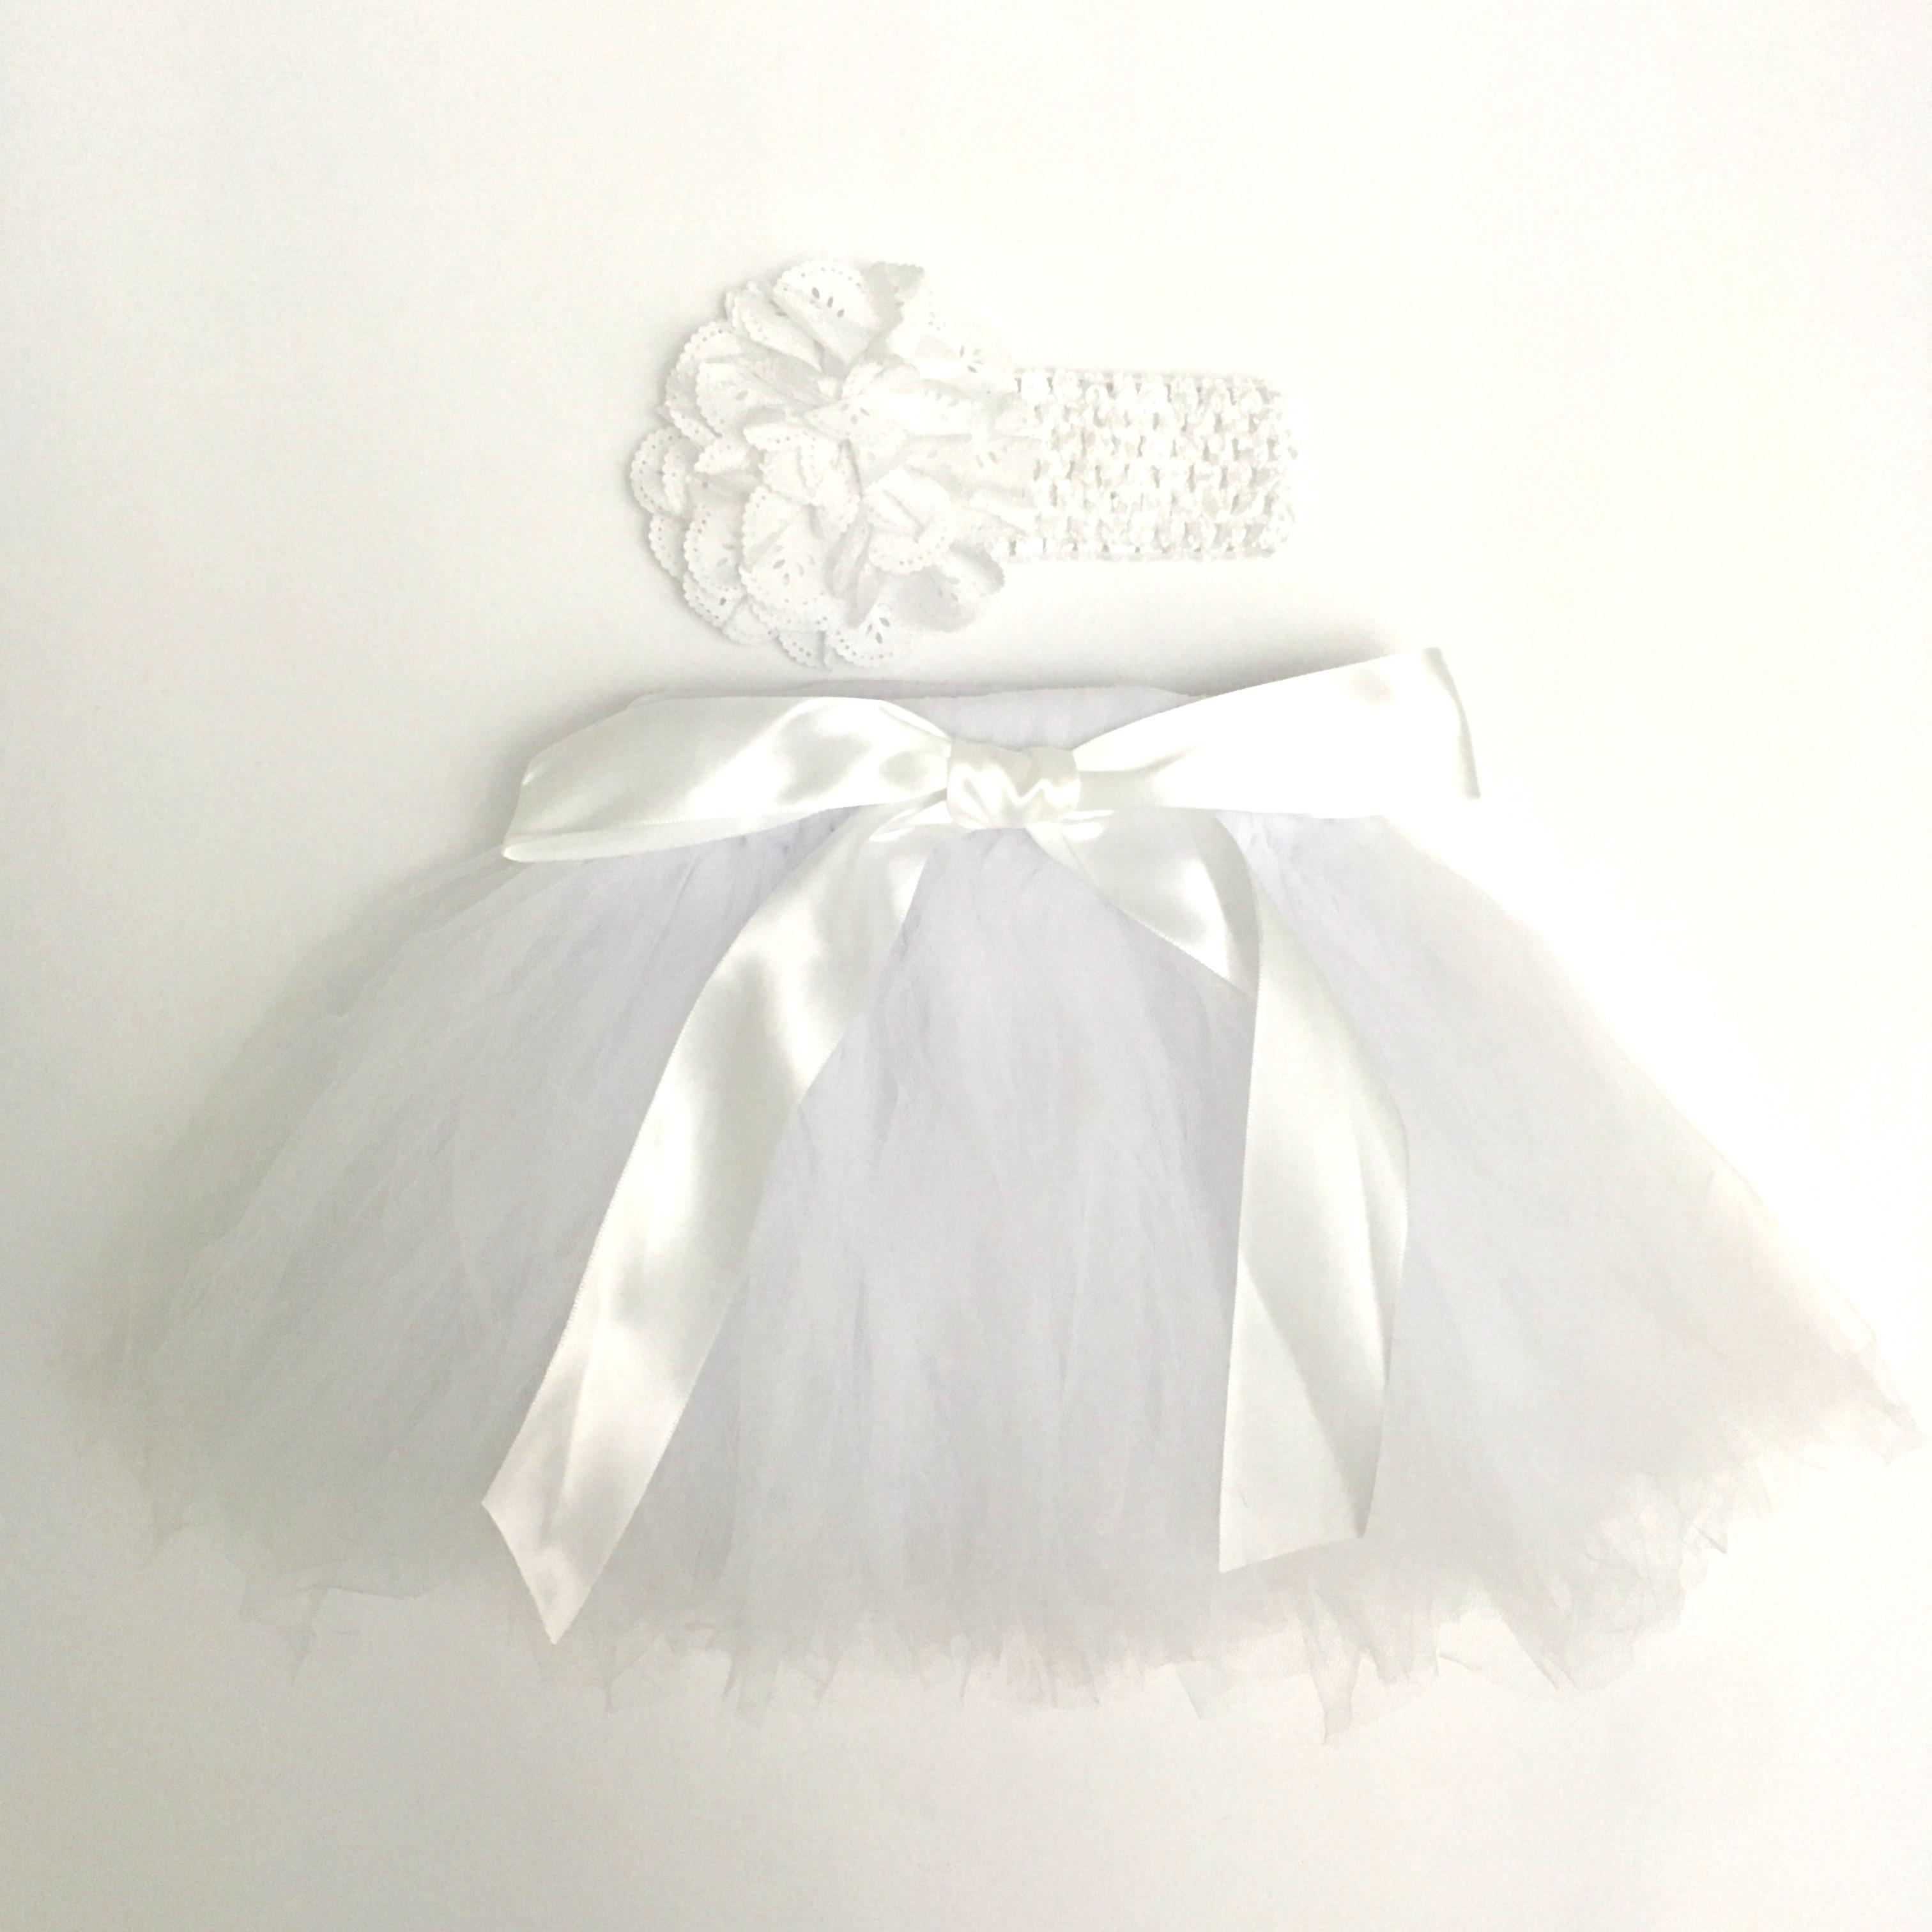 2569c8655e46 Tutu suknička pre bábätko biela (2-12 mesiacov) - jupitershop.sk